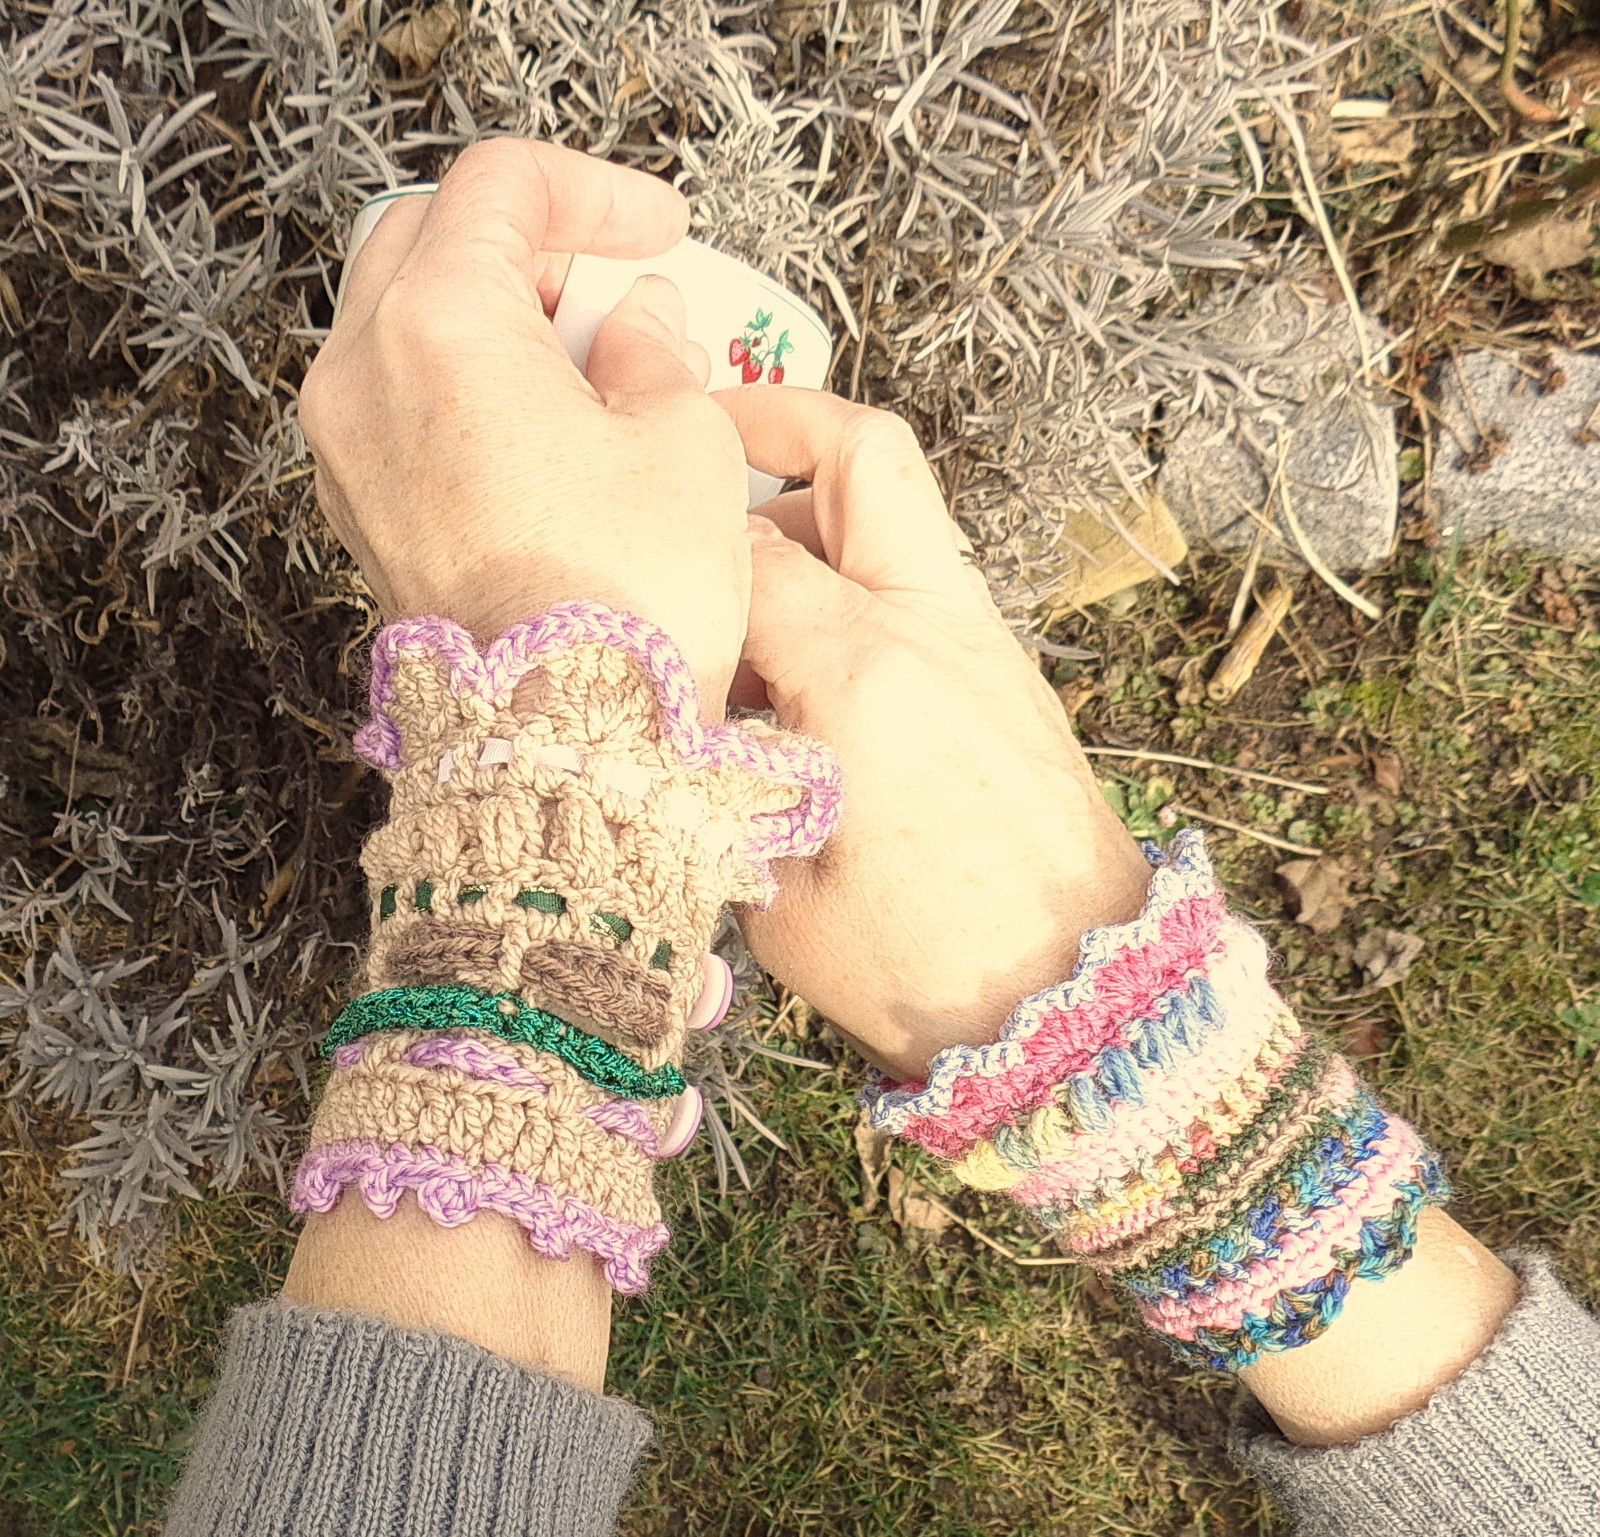 Manon+je+motýl....+Háčkovaný+náramek+z+příjemné+bavlny+ozdobí+určitě ... 291bc3dea7